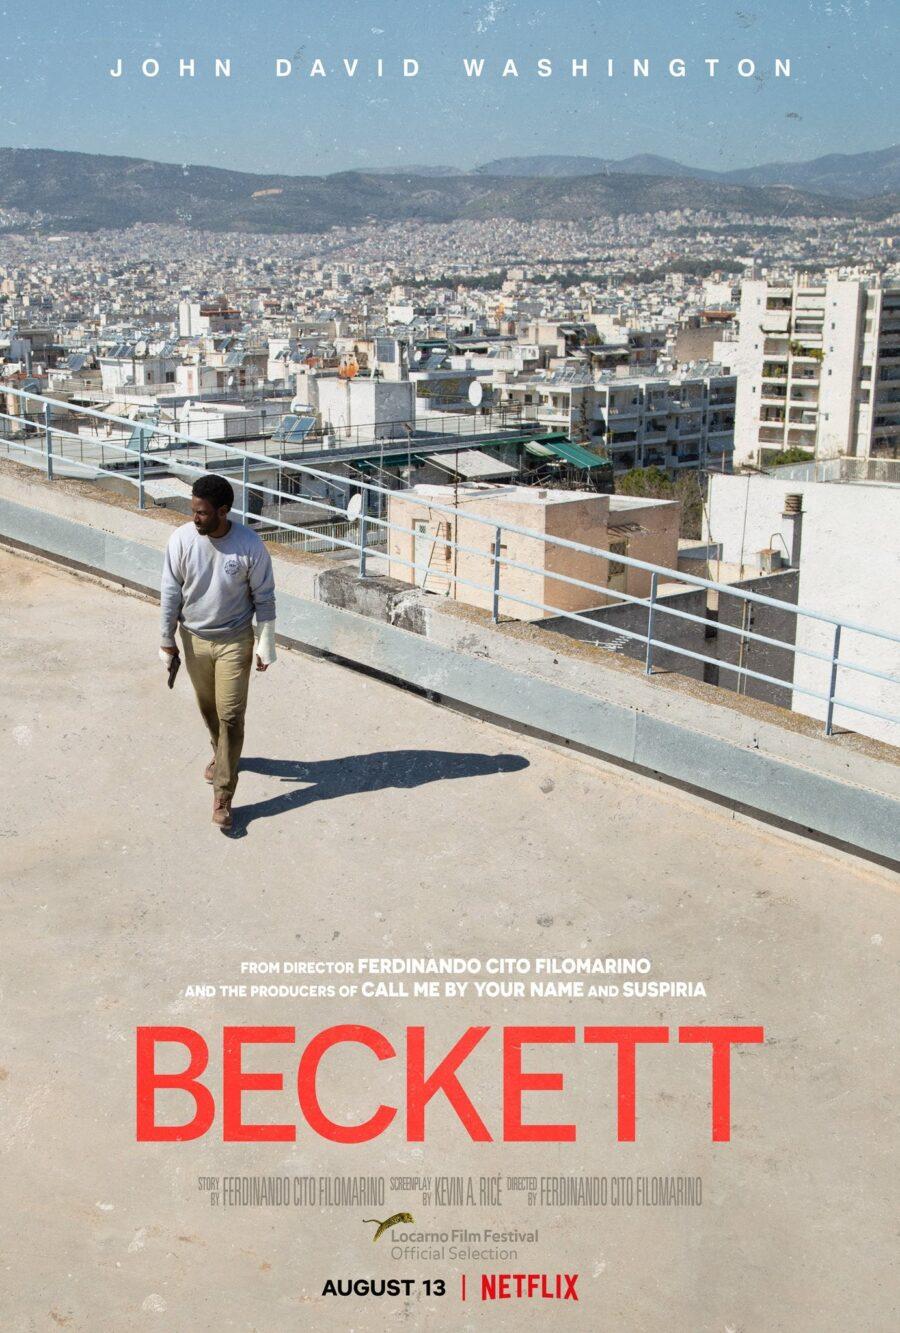 beckett netflix poster